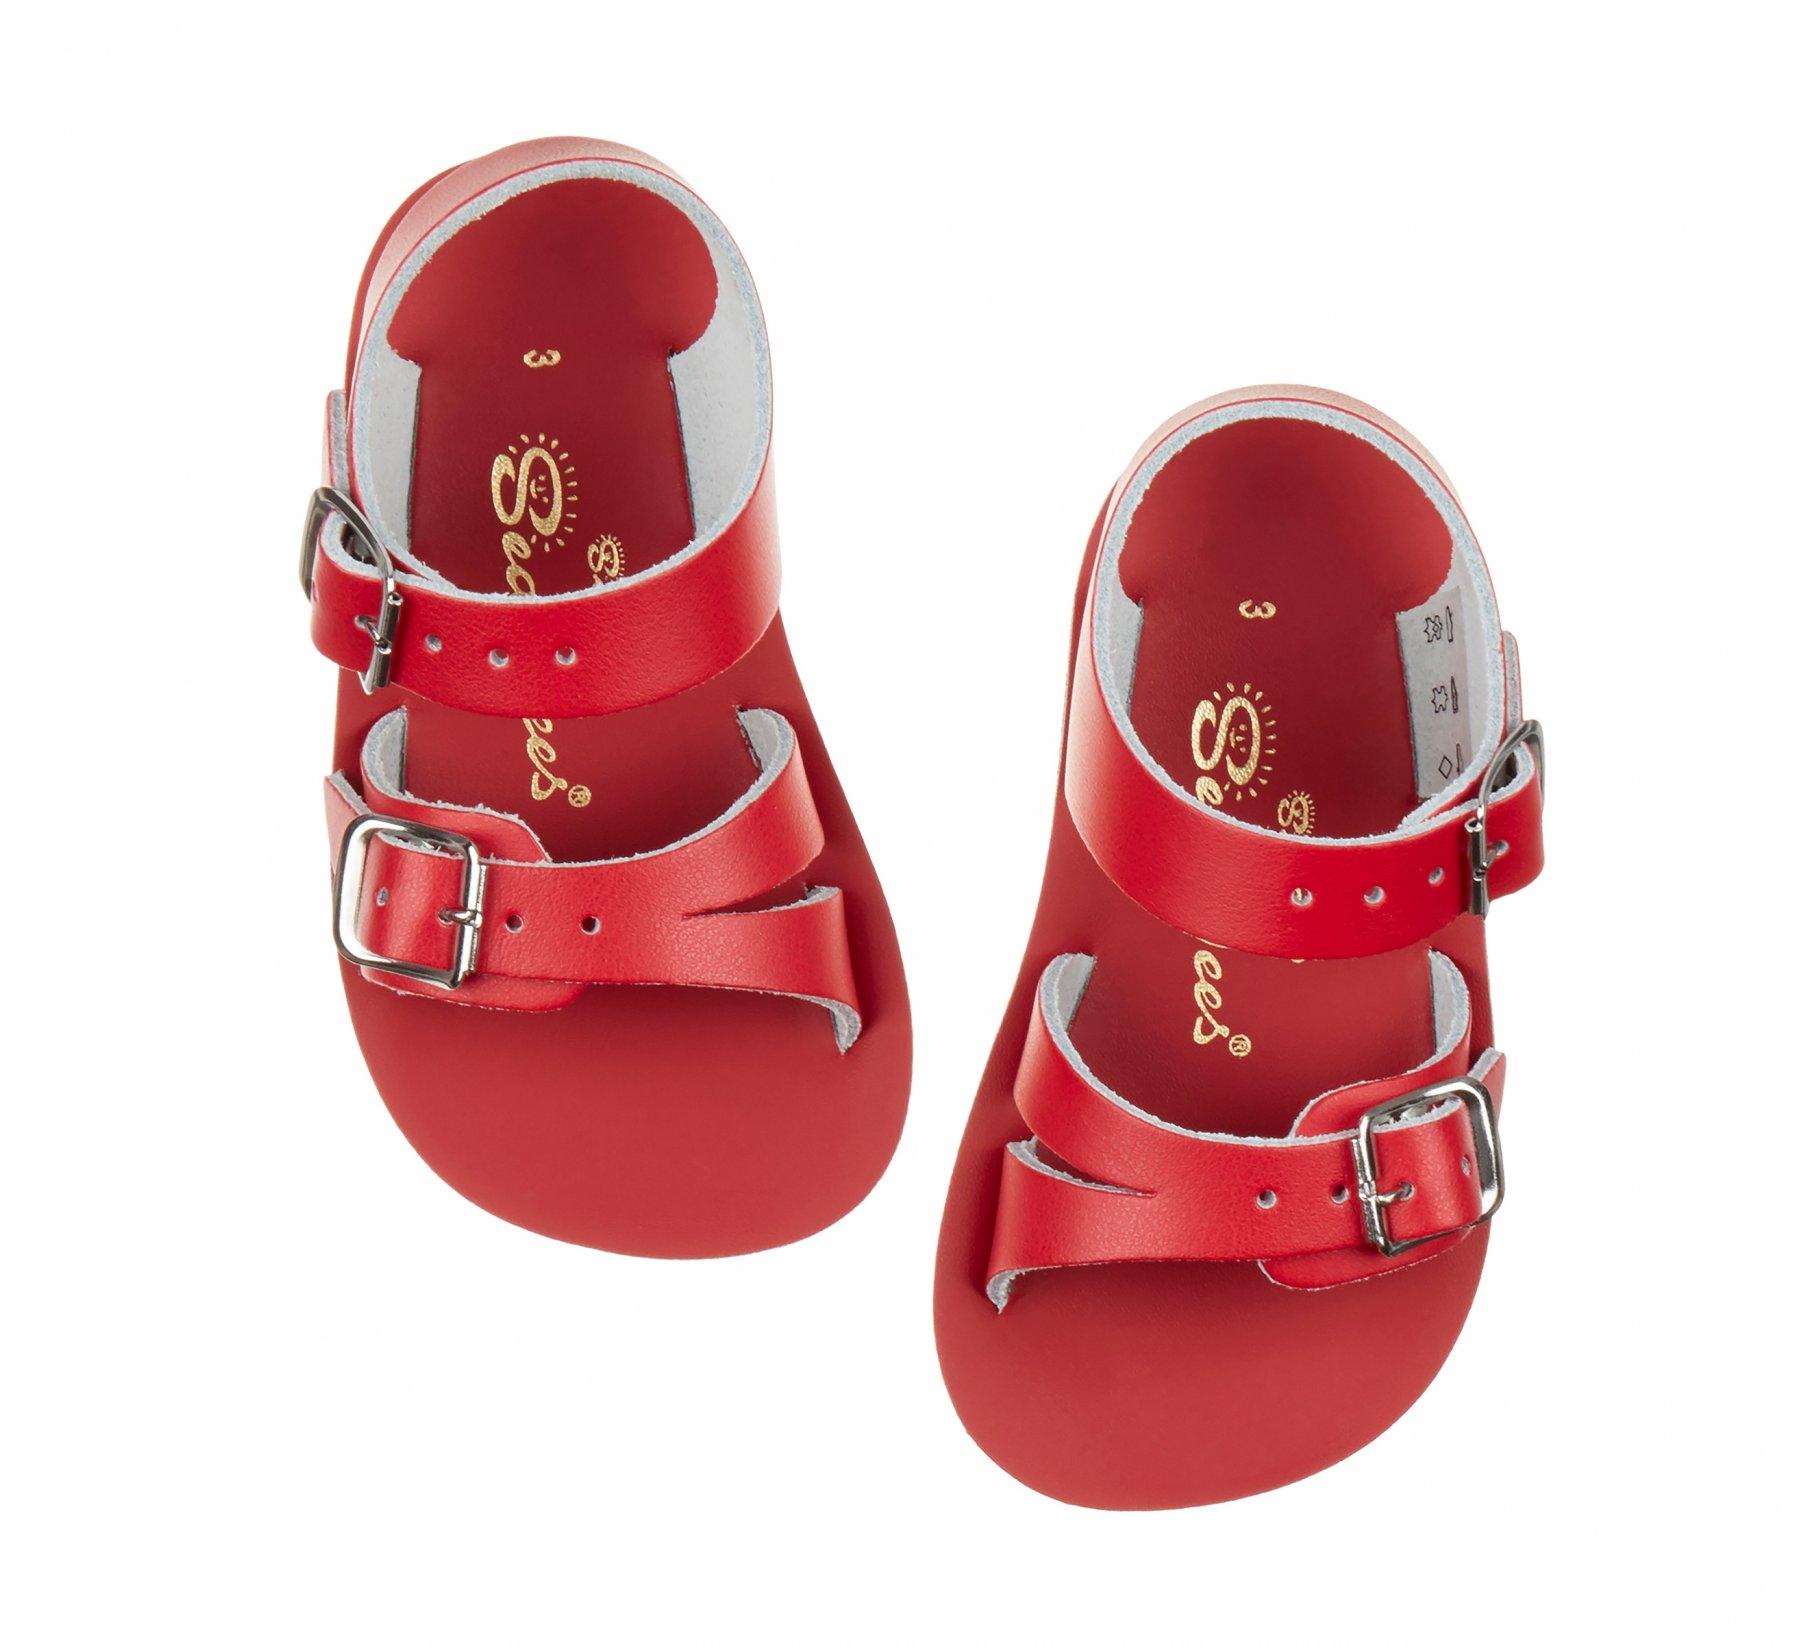 Seawee Red - Salt Water Sandals